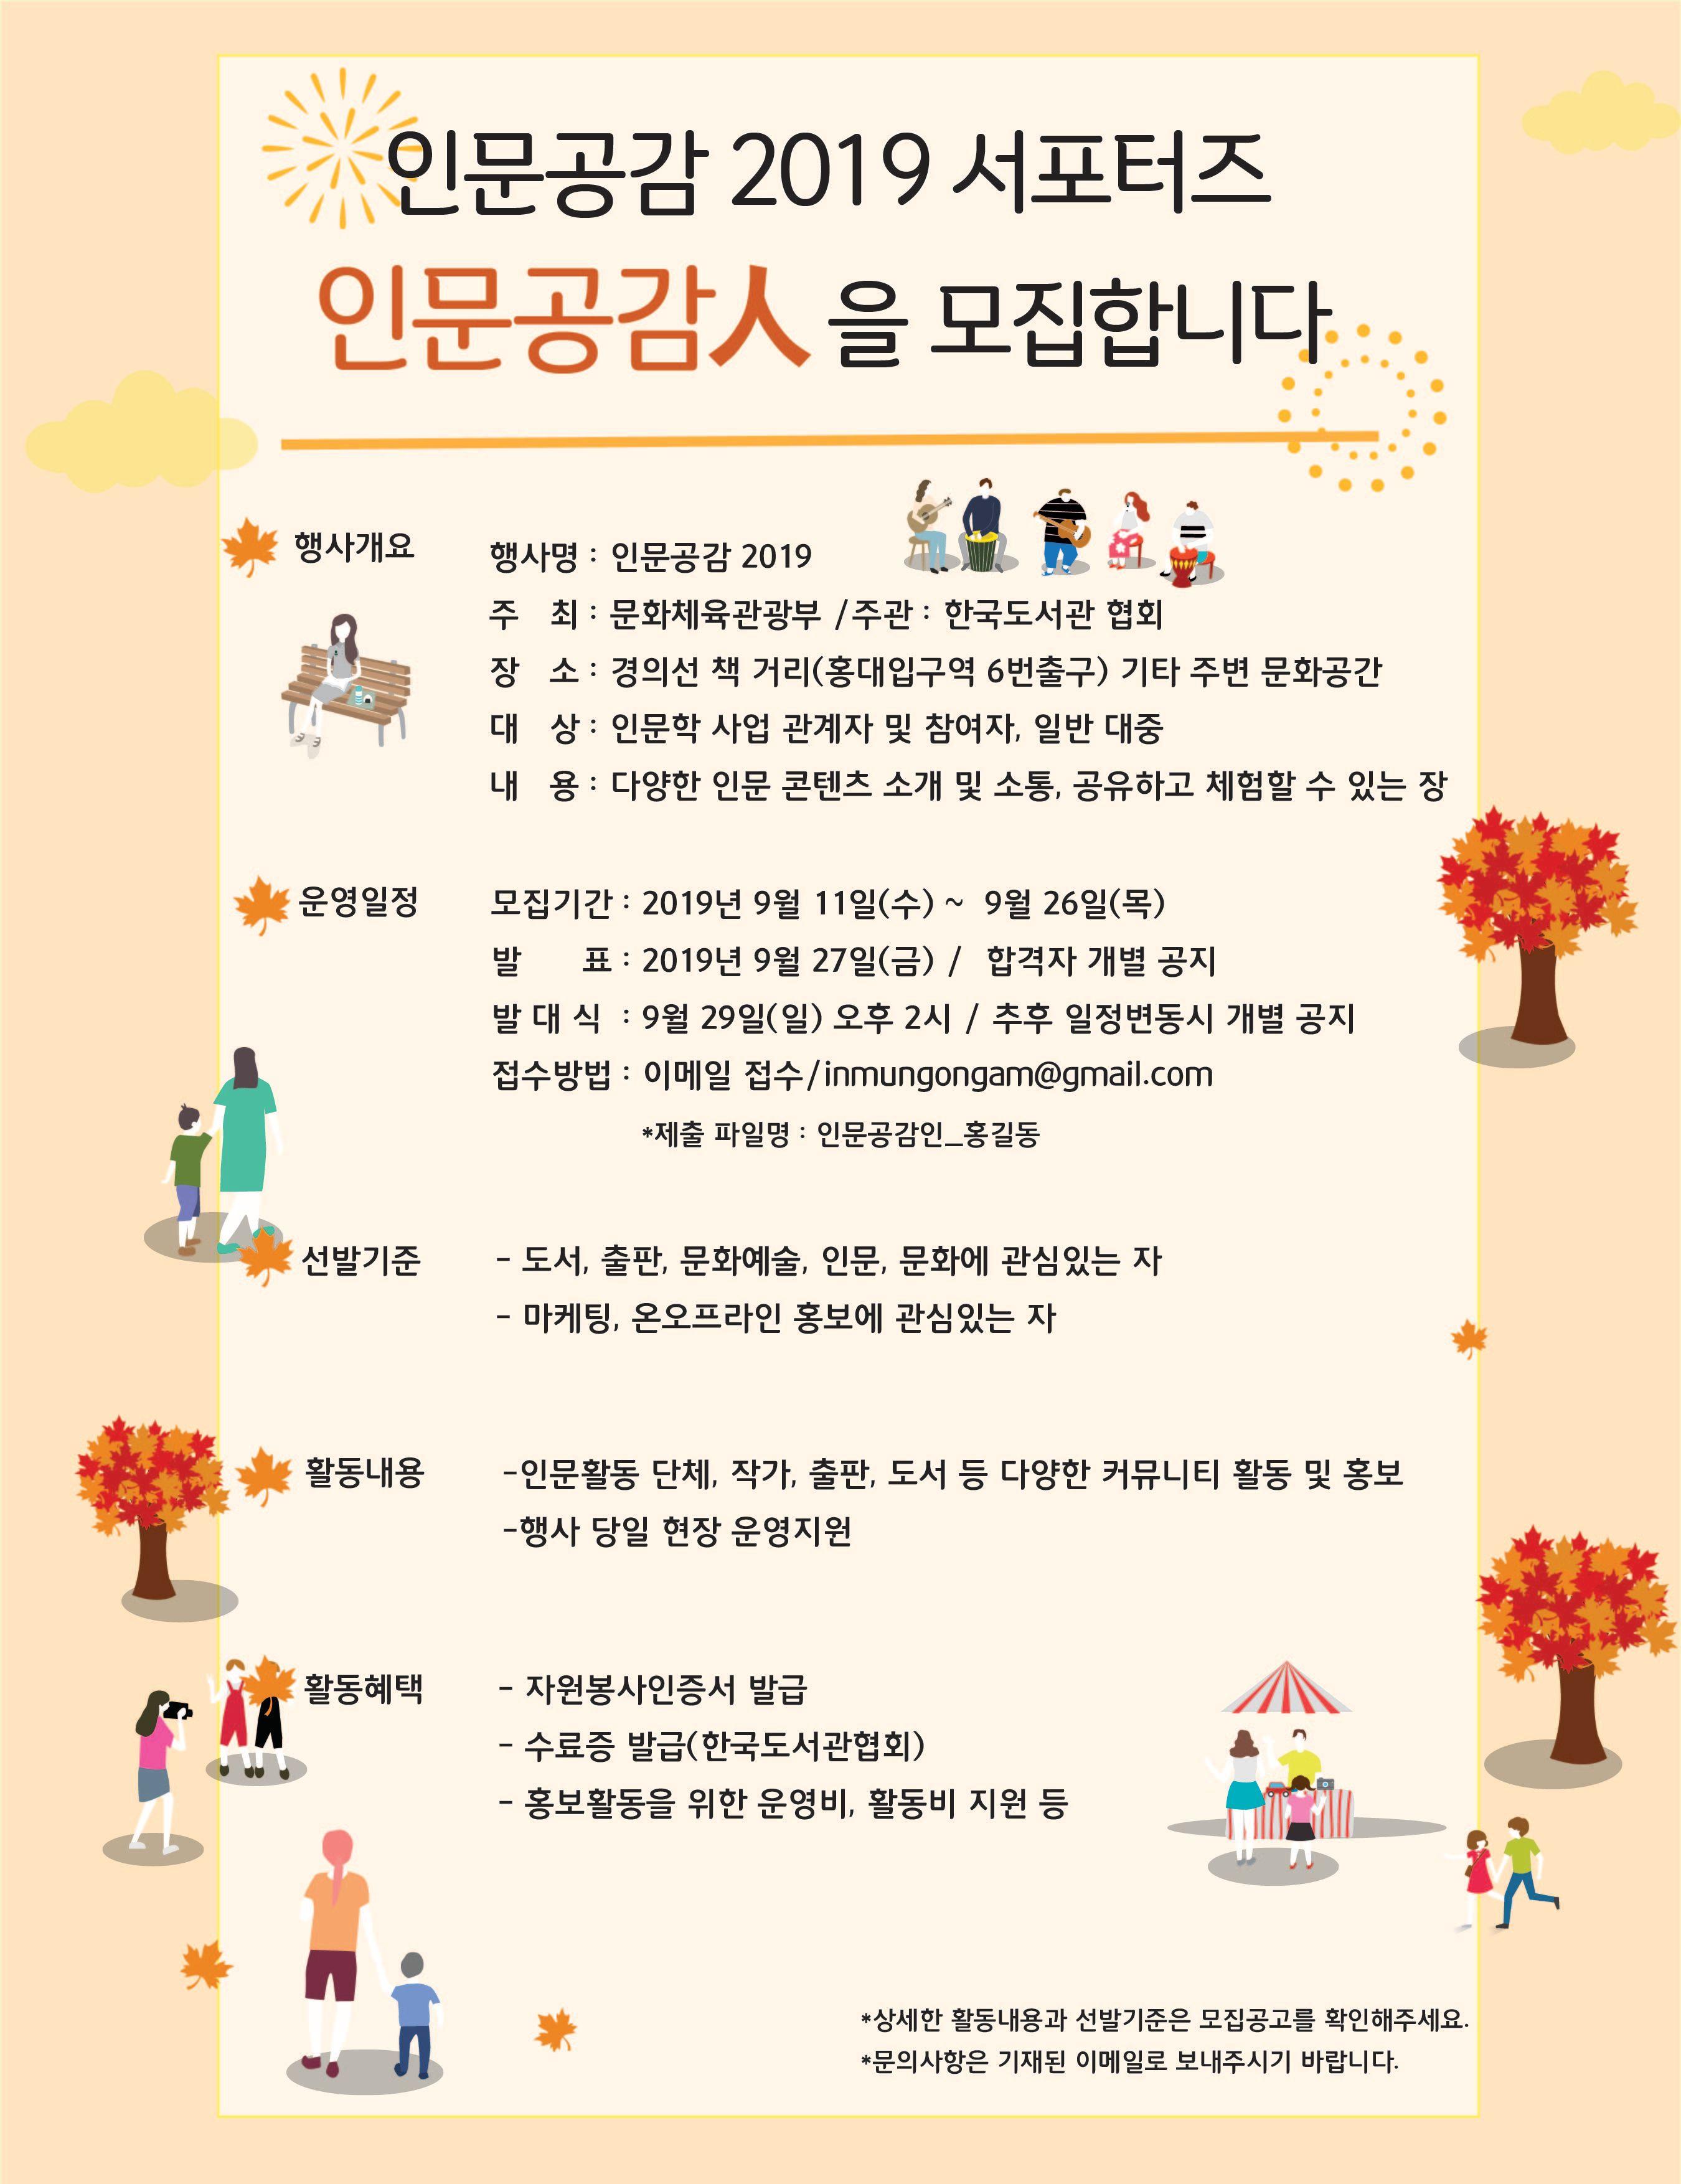 문화체육관광부 2019 서포터즈 인문공감人모집